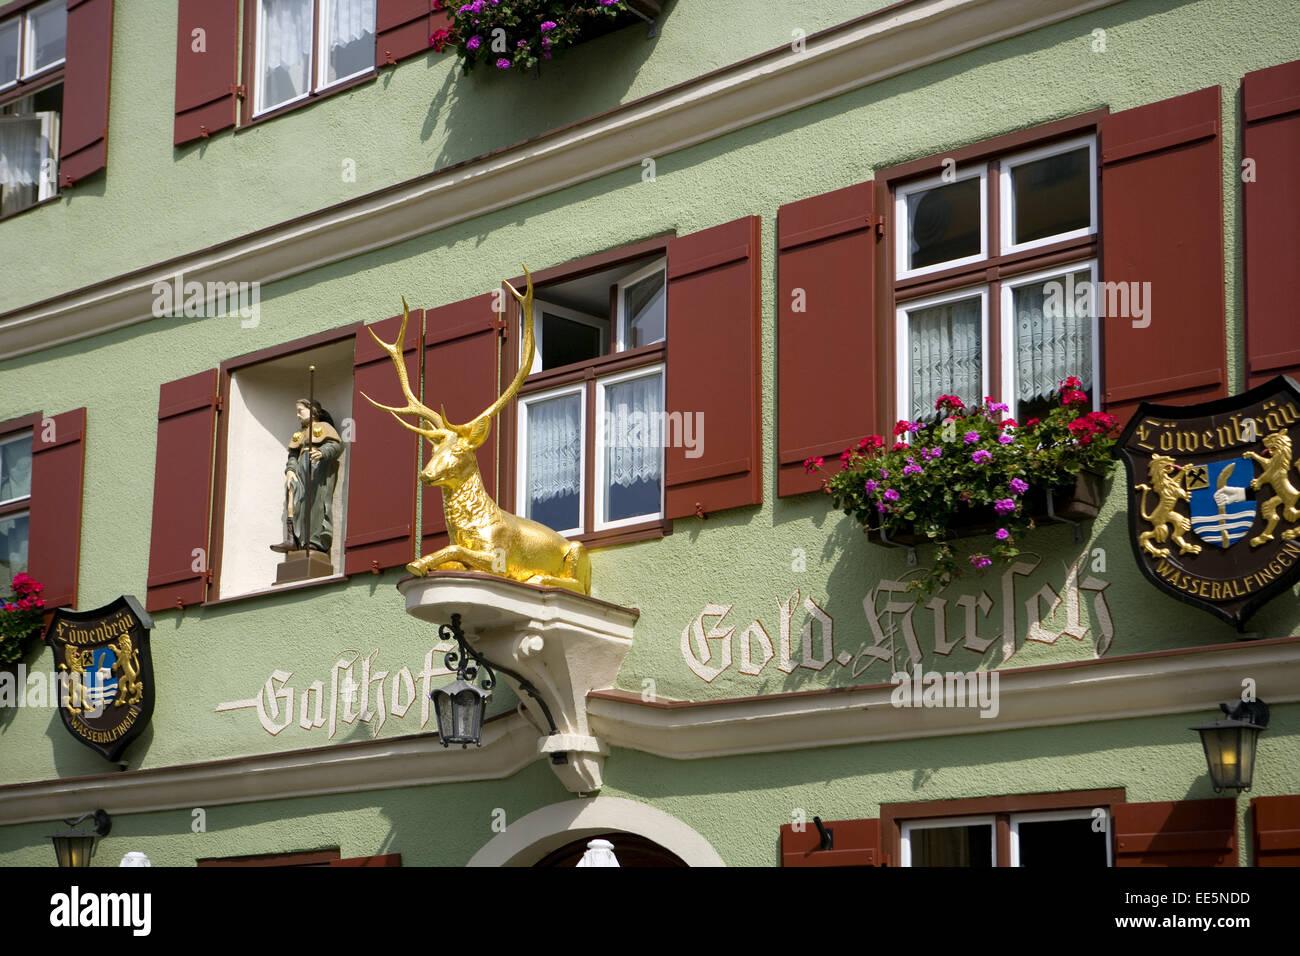 Deutschland, Bayern, Franken, Dinkelsbuehl, Europa, Sueddeutschland, Mittelfranken, Stadt, Innenstadt, Sehenswuerdigkeit, - Stock Image